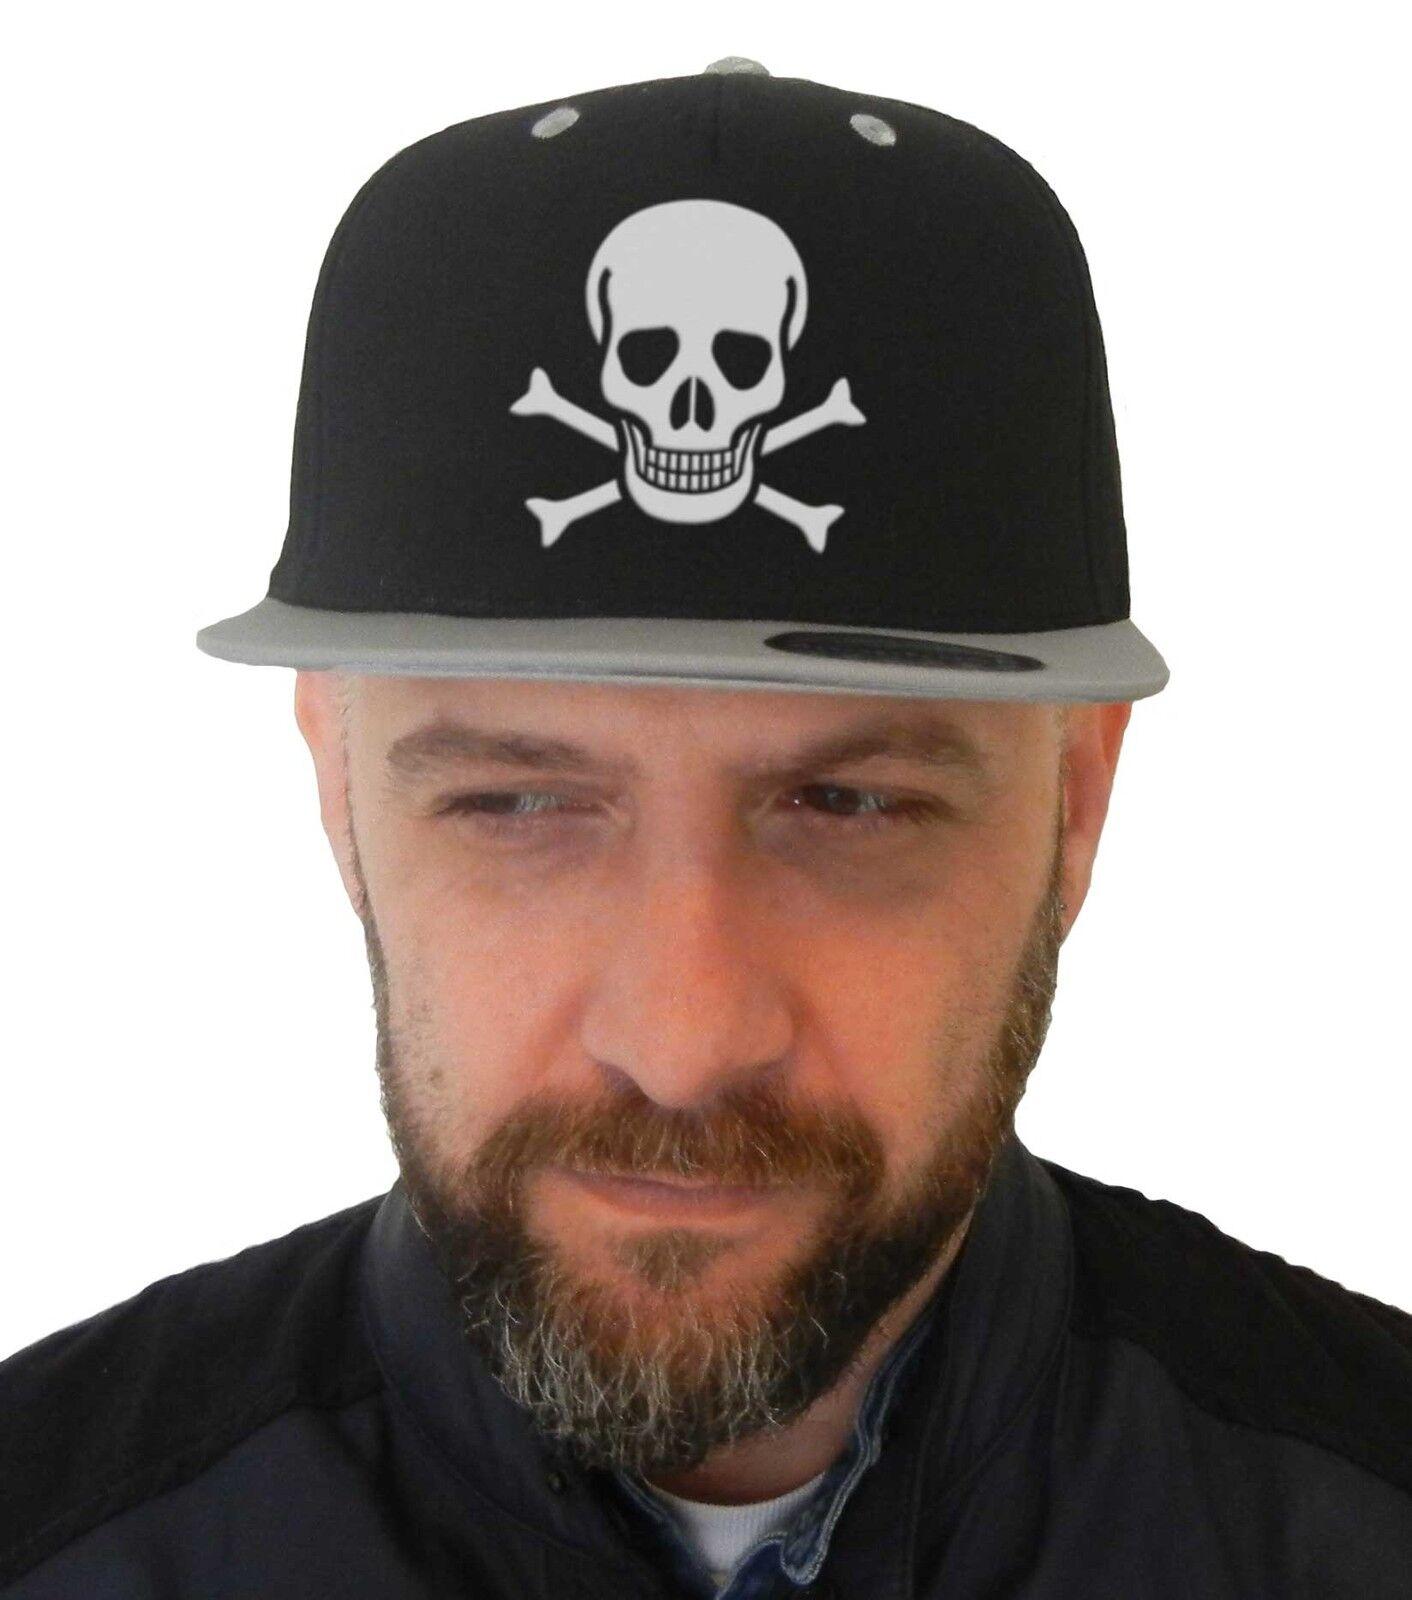 Hut Schädel, Snapback Cap Schwarz Mit Visier Grau, Logo Schädel, Piraten